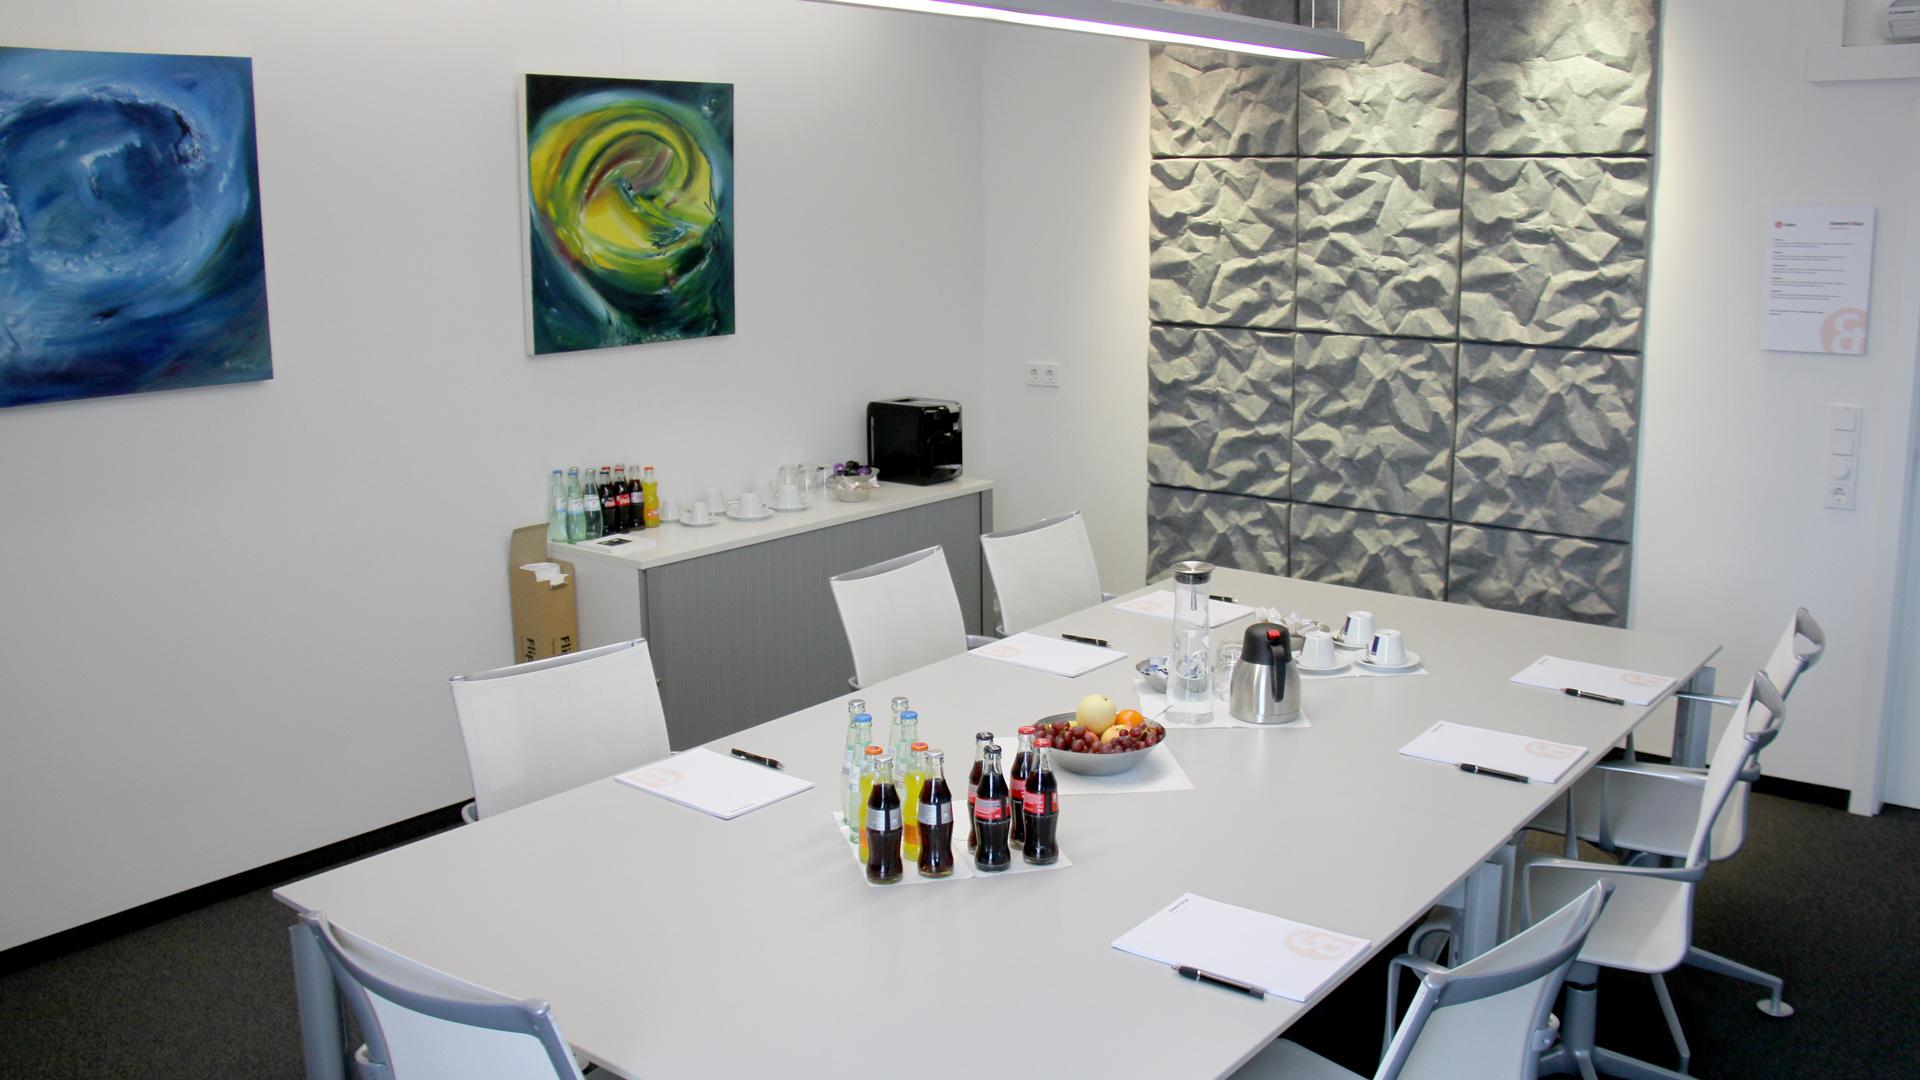 Raumvermietung Schulungsraum Berlin - Siewert & Kau Academy